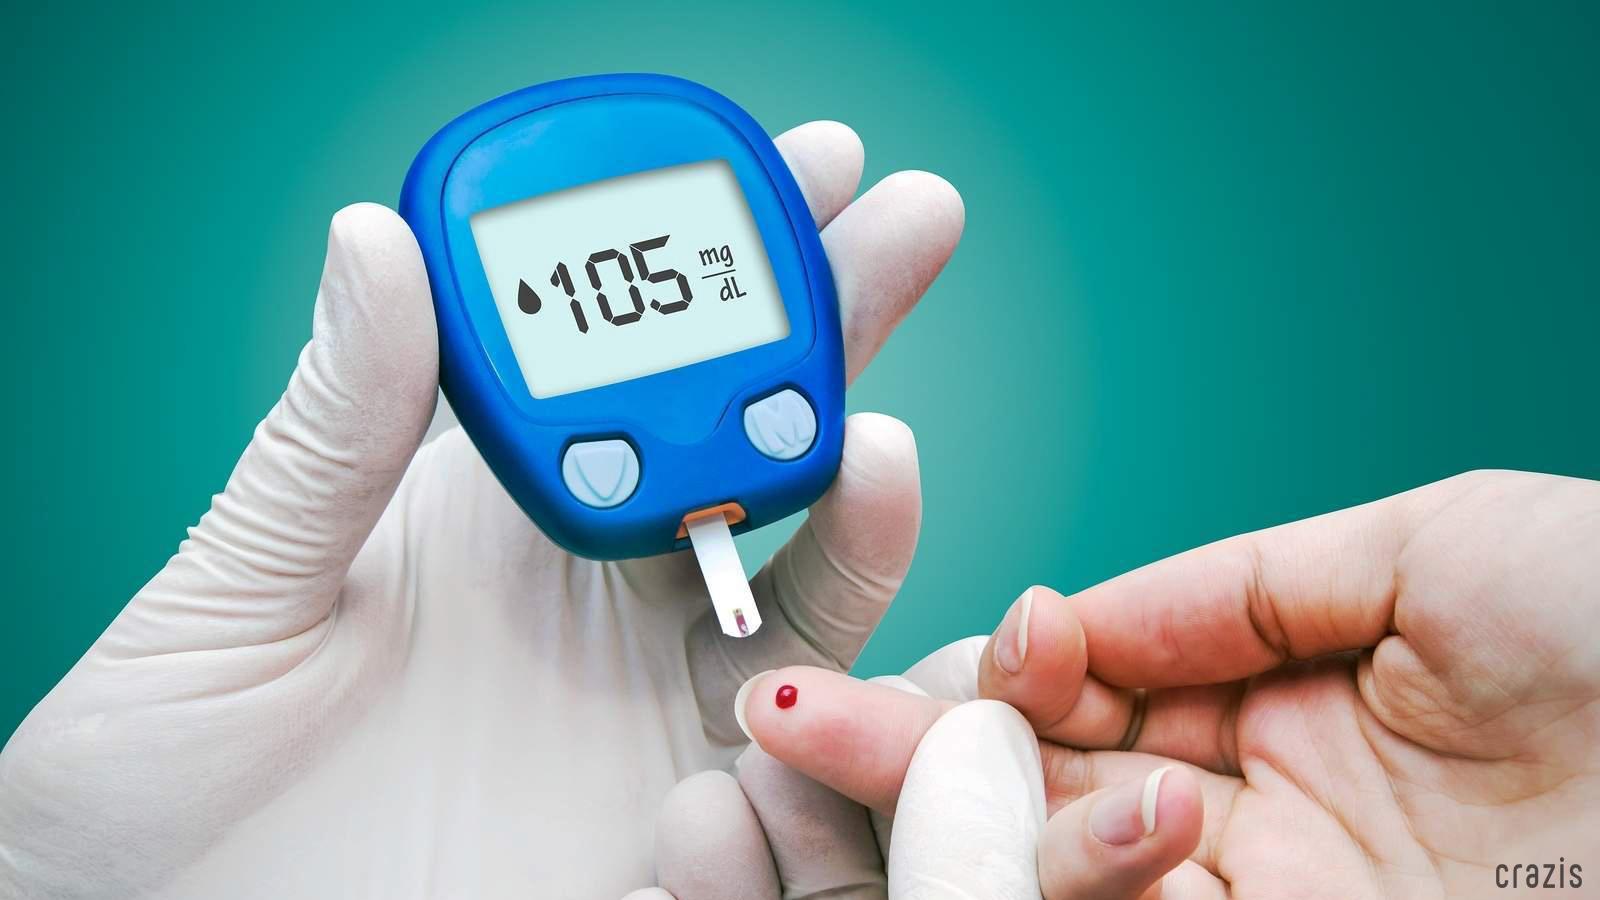 Carbohydrate hỗ trợ giảm nguy cơ mắc các bệnh về tiểu đường, tim mạch